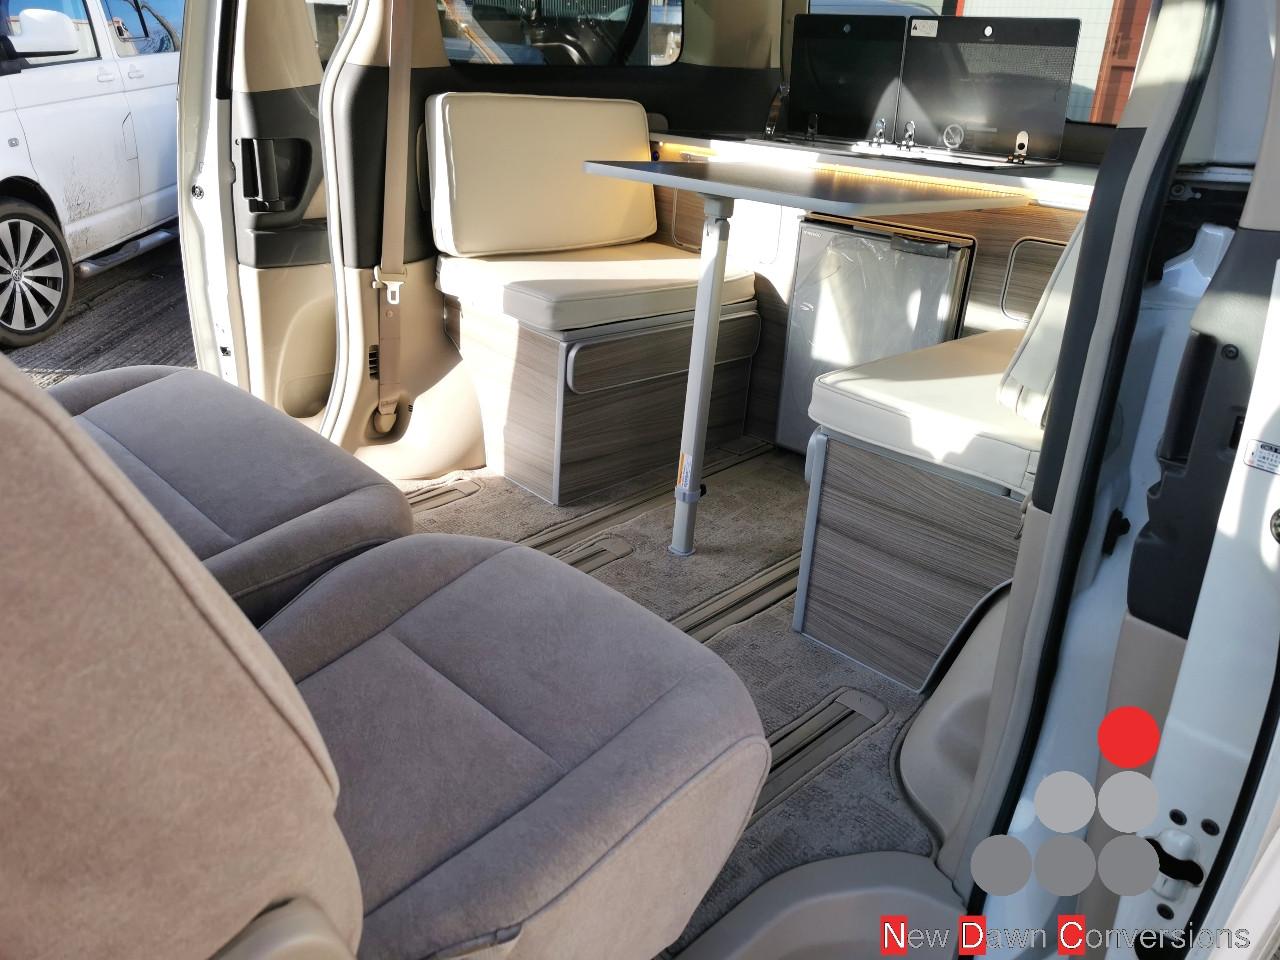 Toyota Alphard NDC0163 (11).jpg